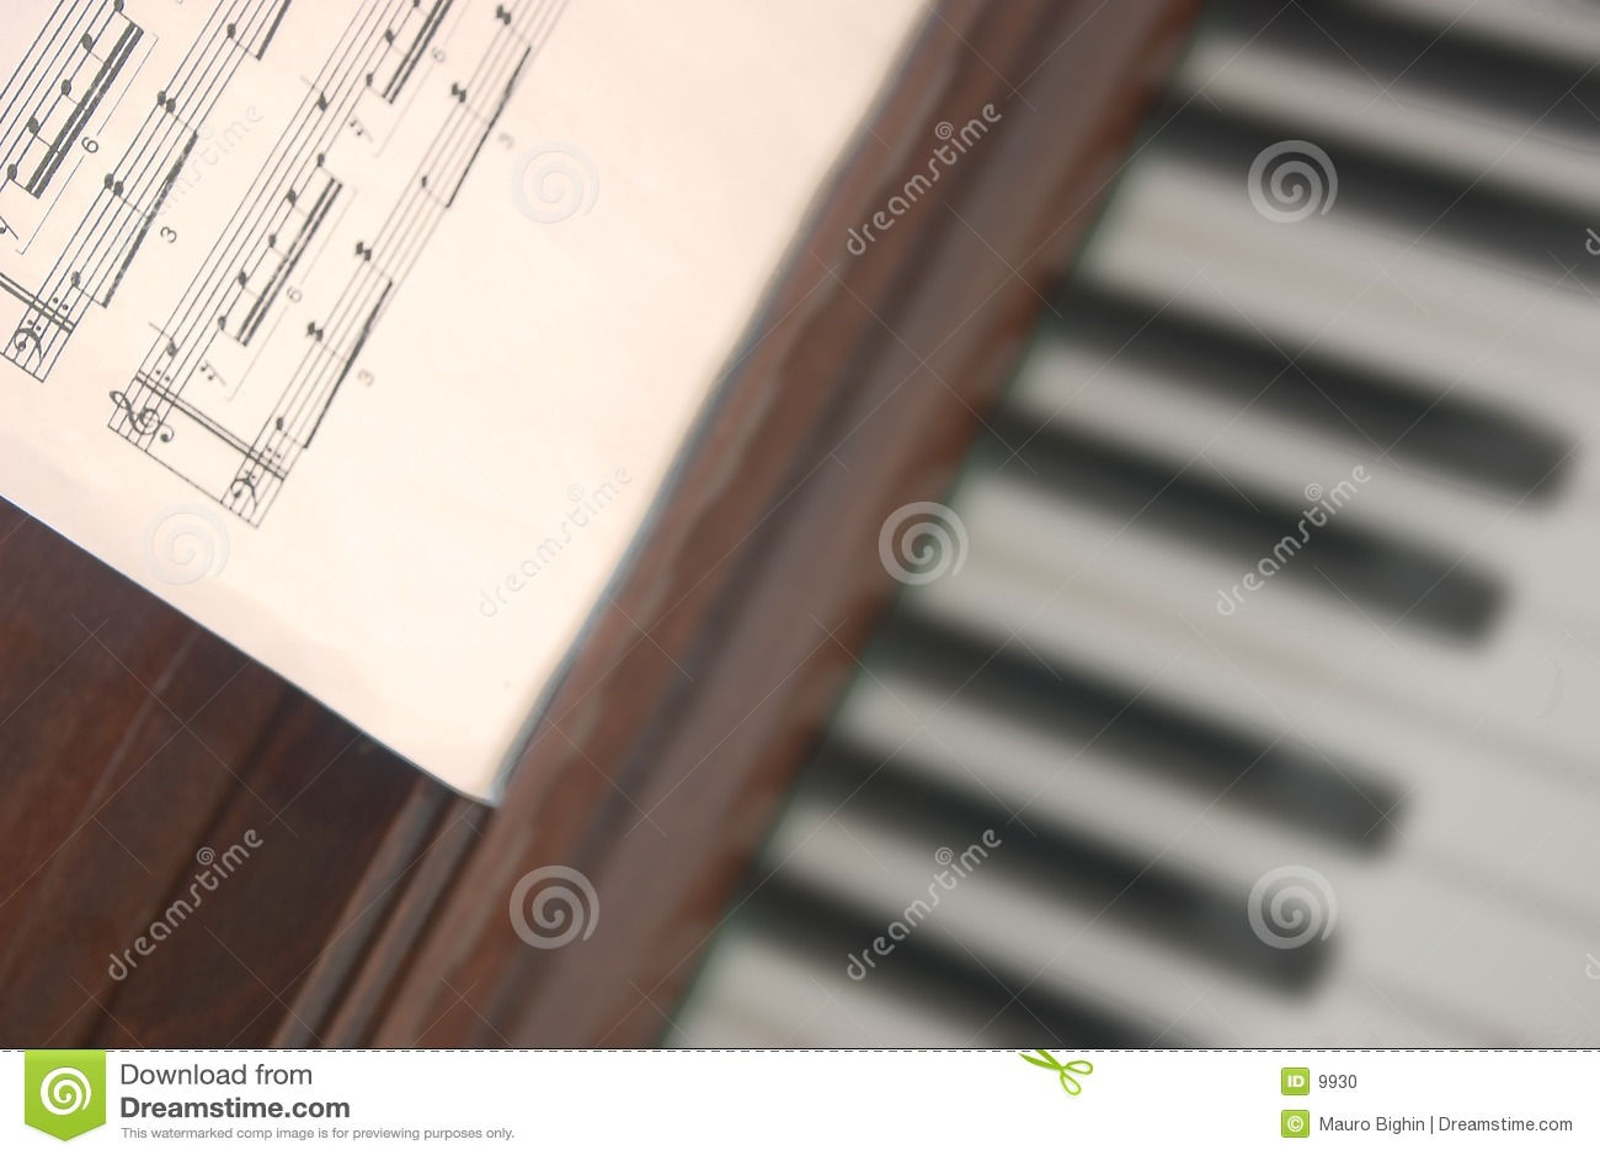 Cuenta musical y piano